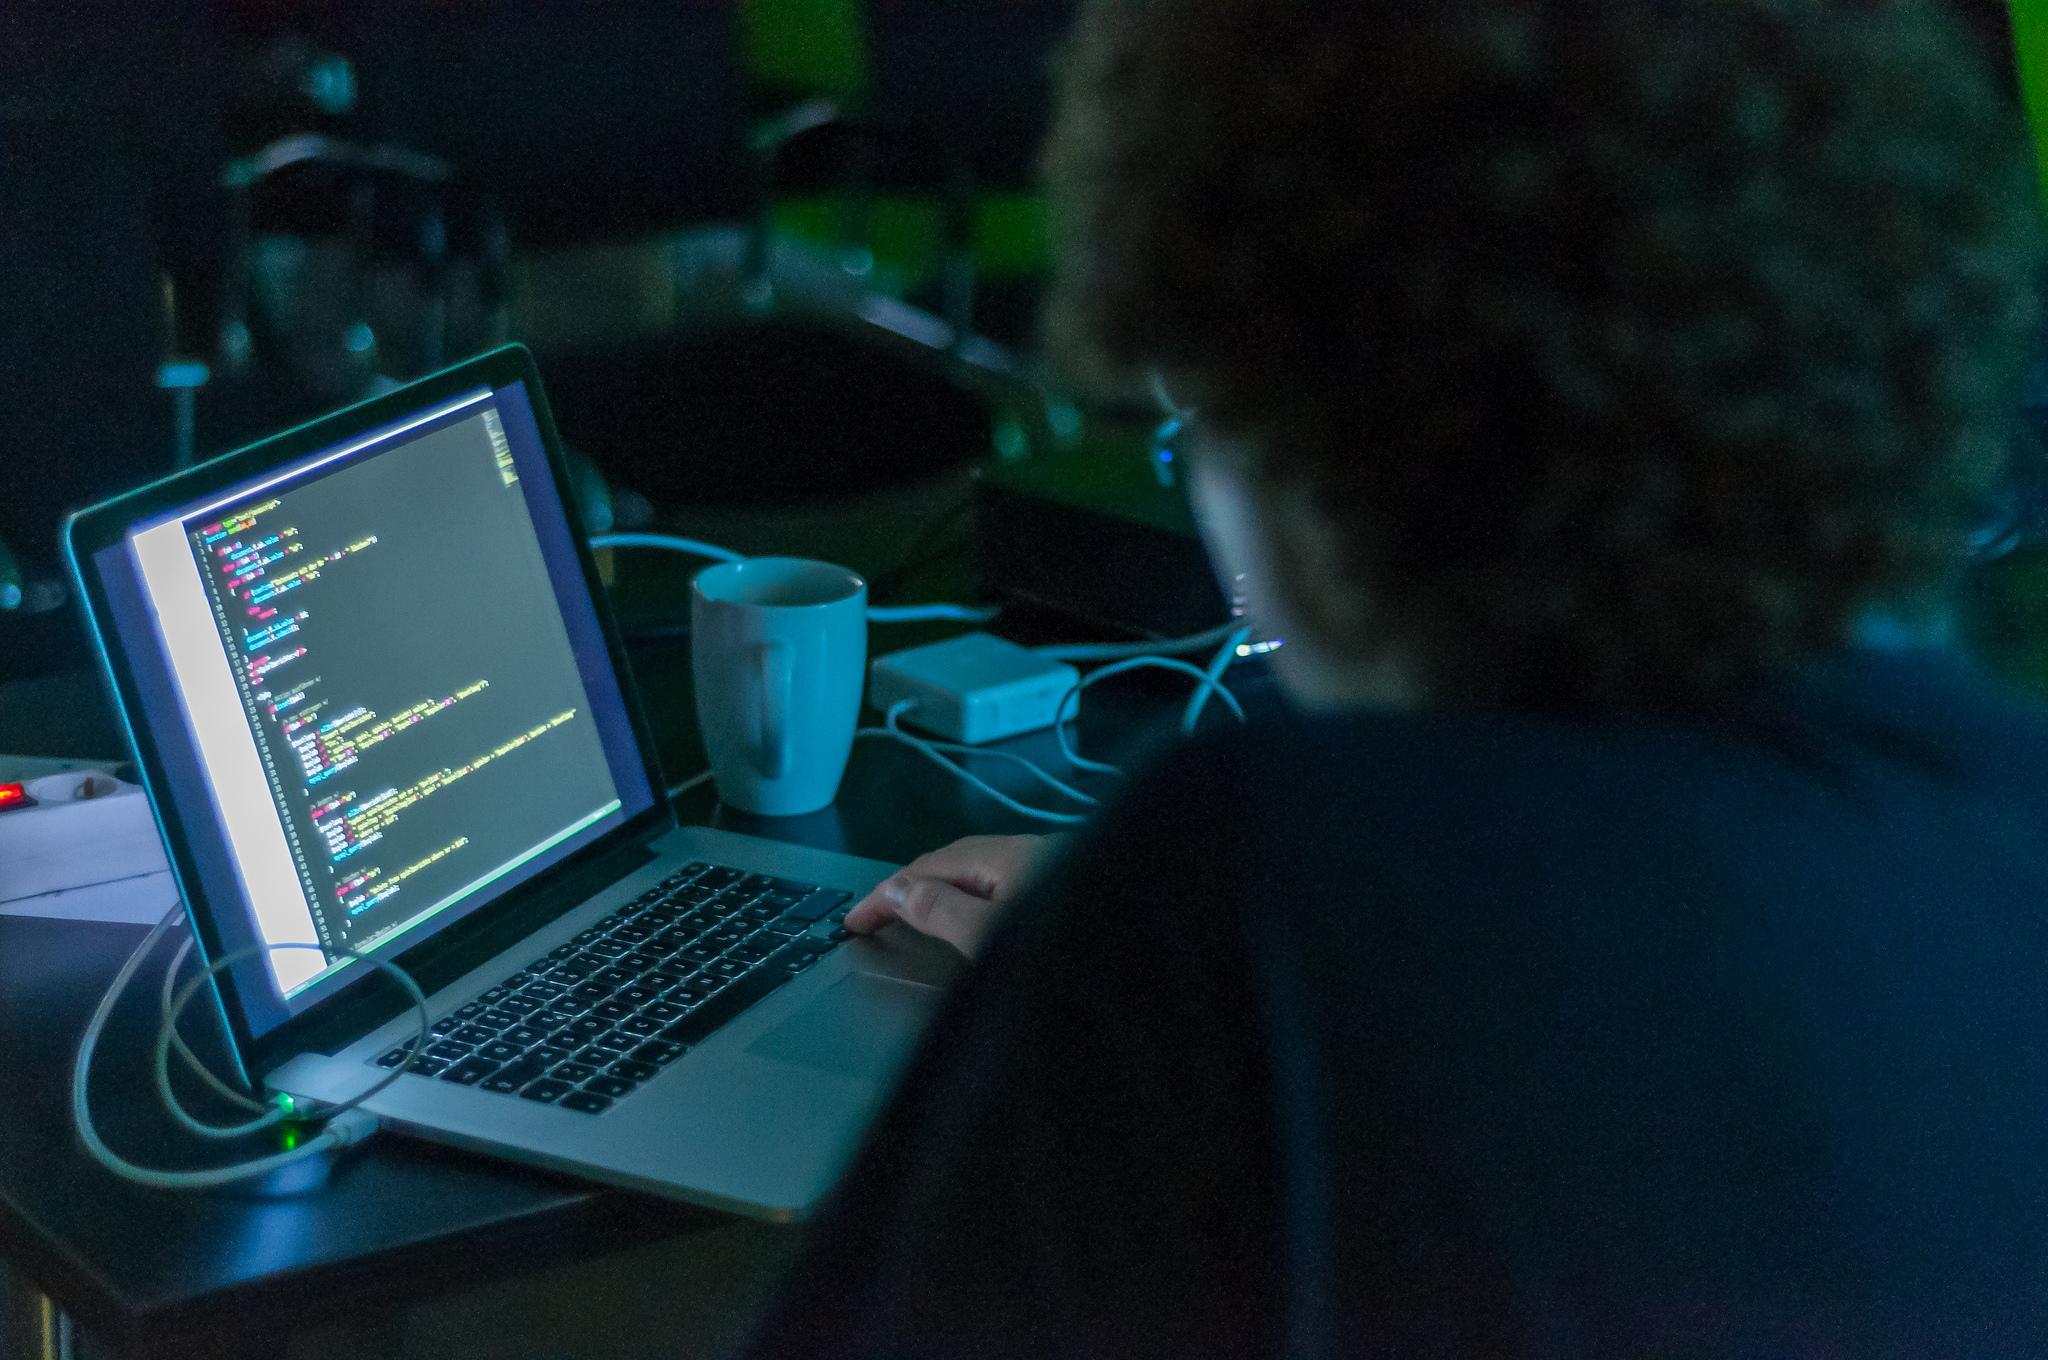 kybernetický útok, internet veci, IoT